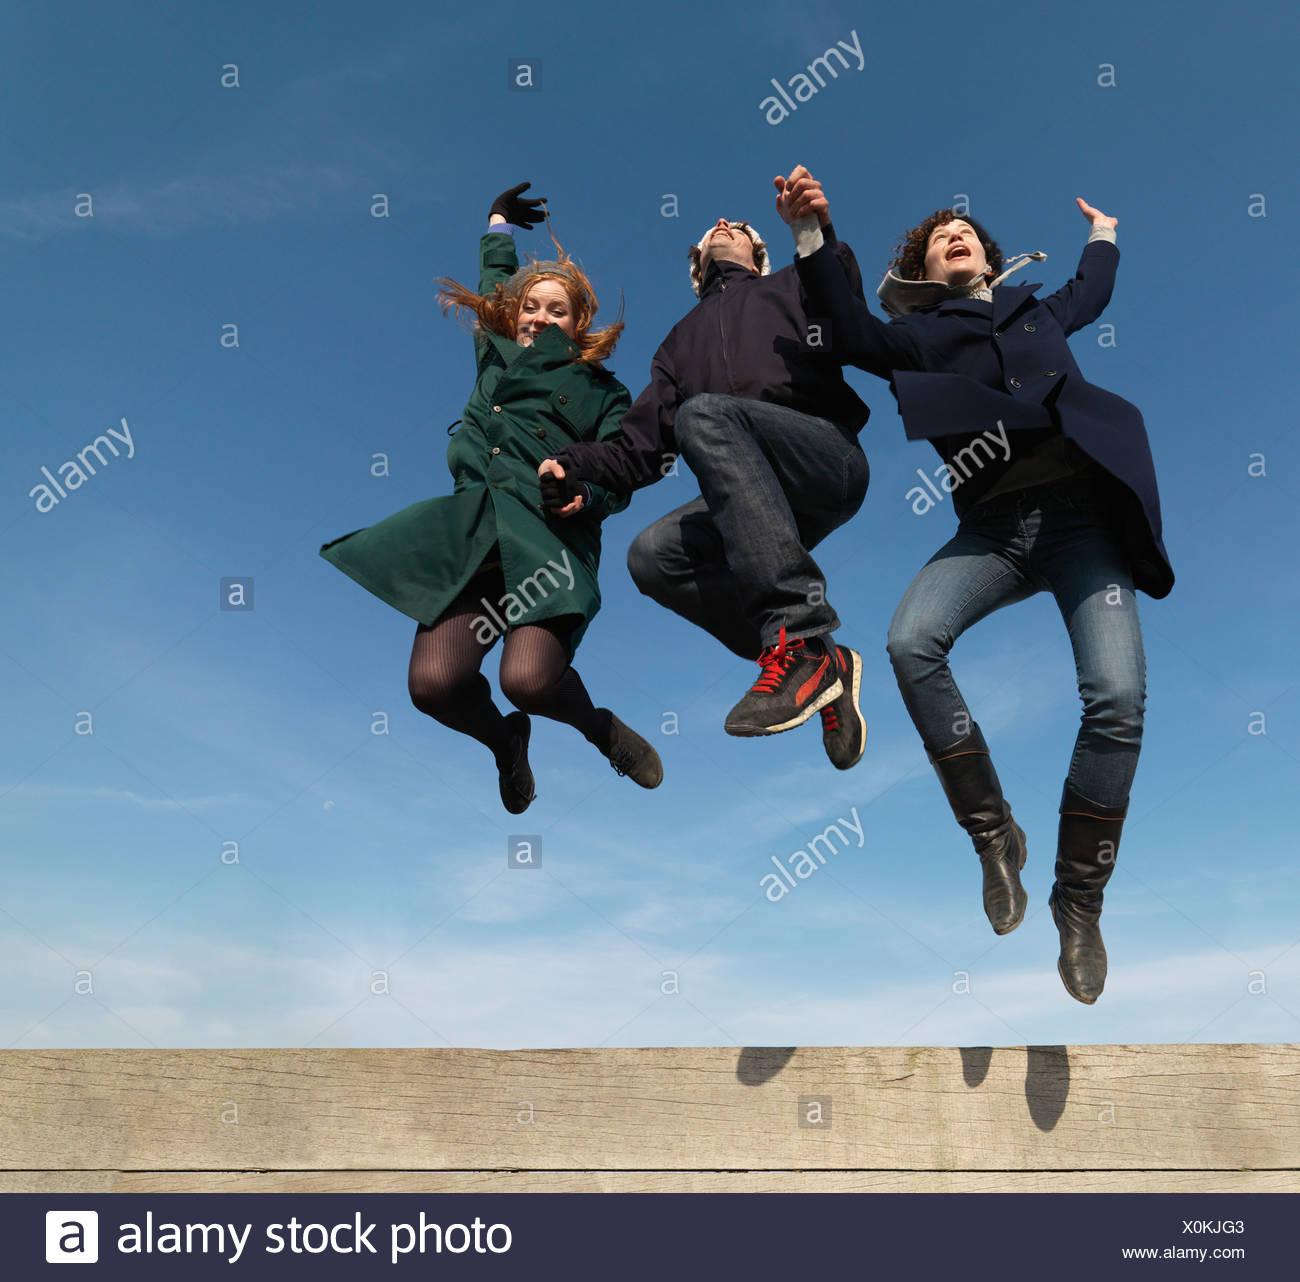 Freunde über hölzerne Hindernis springen Stockbild